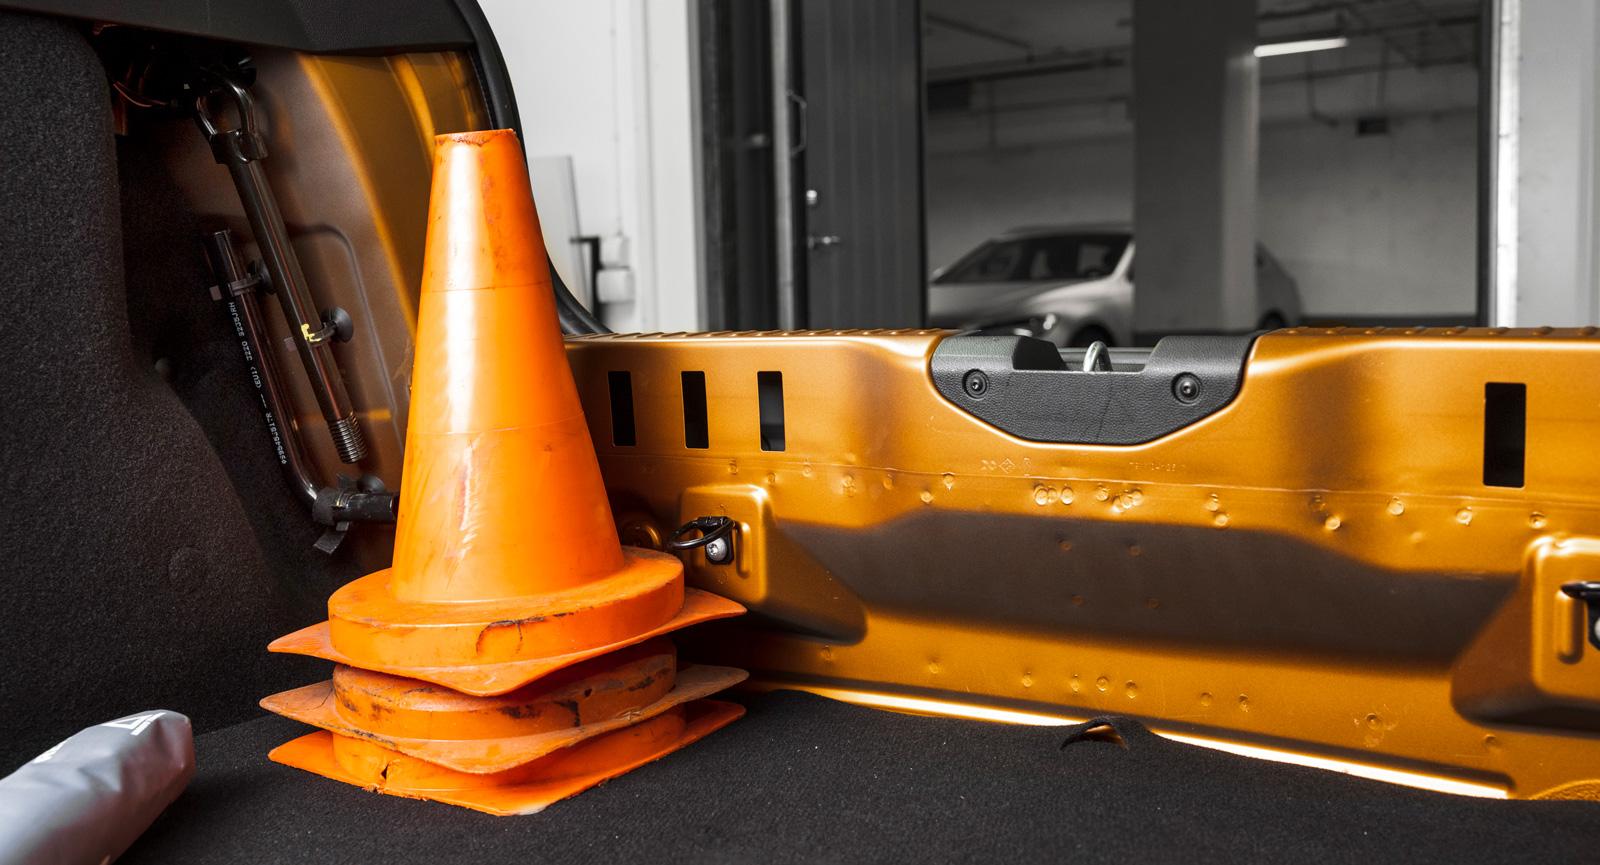 I Dacia får man inte vara rädd för naken plåt med tydliga svetspunkter. Slitsarna i plåten är vassa och kan skada bagaget. Dubbelt lastgolv är tillval för 1500 kronor. Välj det för att slippa den massiva lasttröskeln.